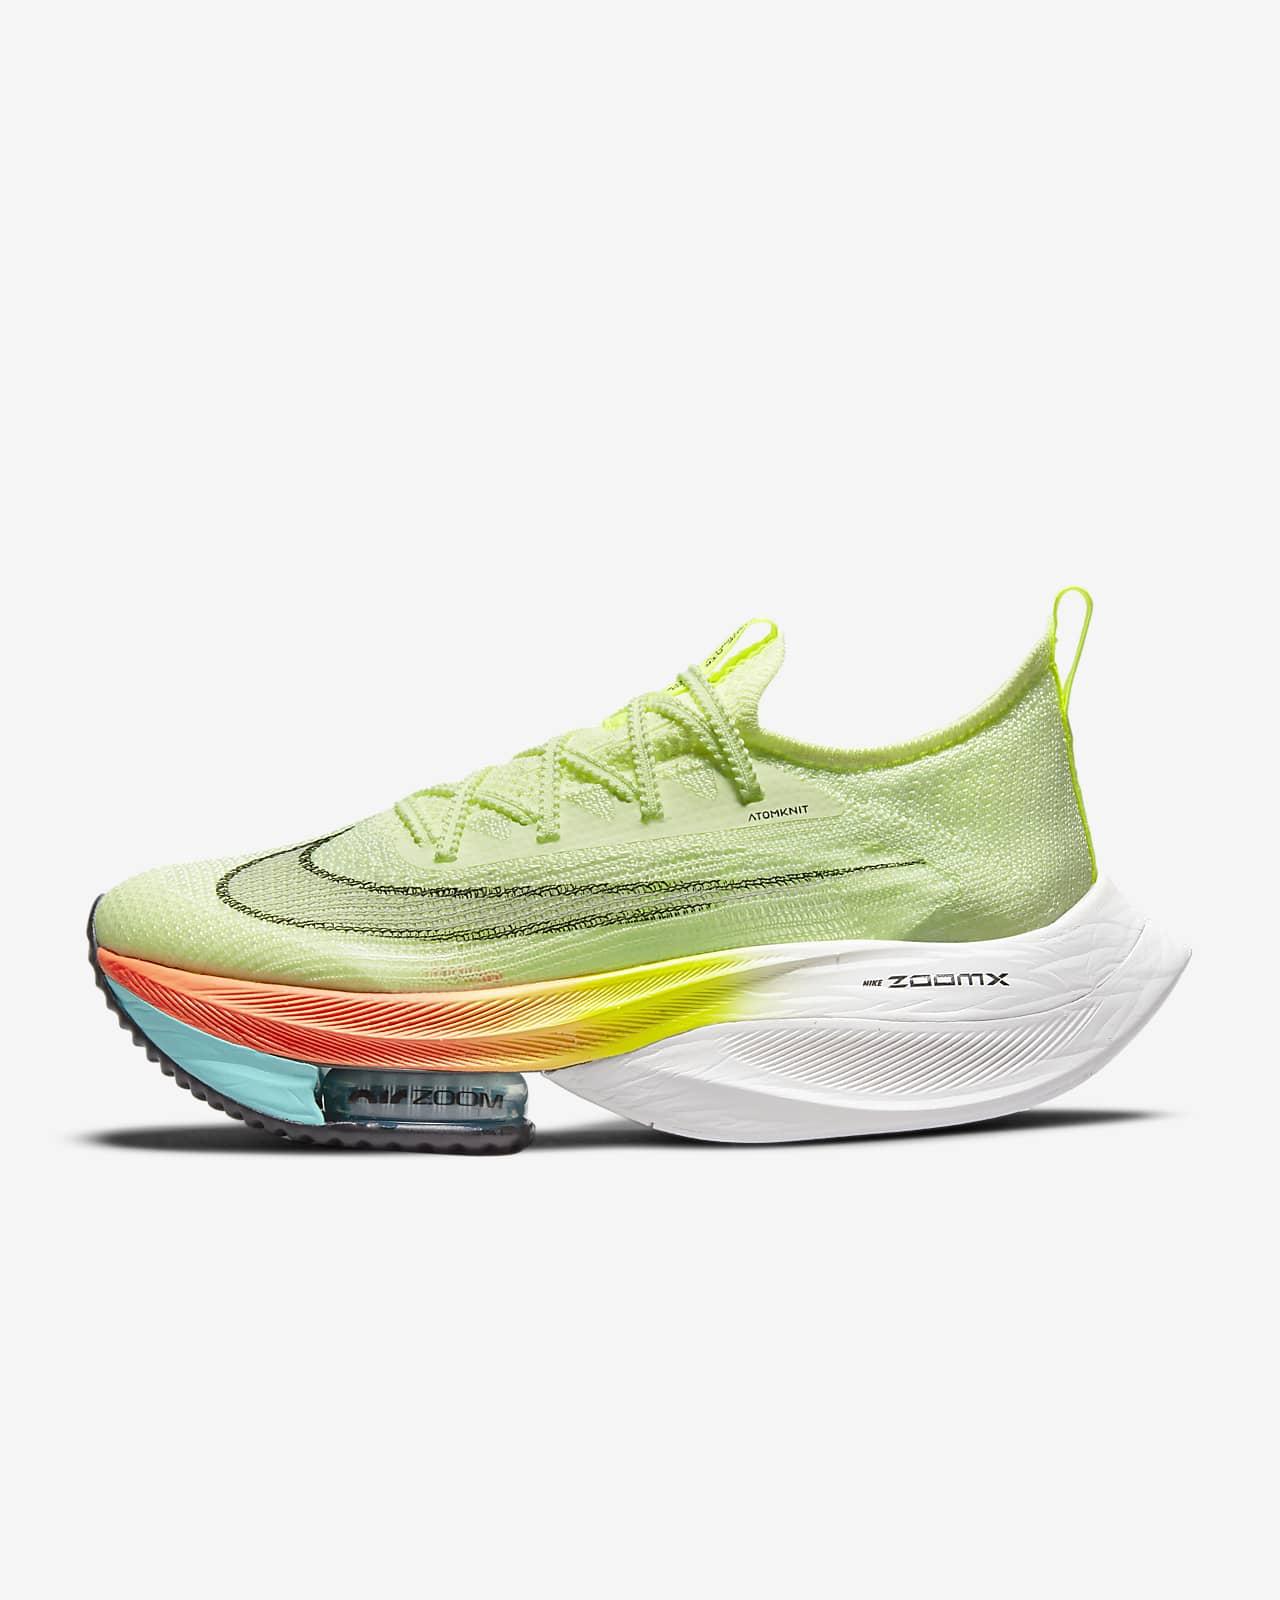 Nike Air Zoom Alphafly NEXT% Damen-Straßenlaufschuh für Wettkämpfe